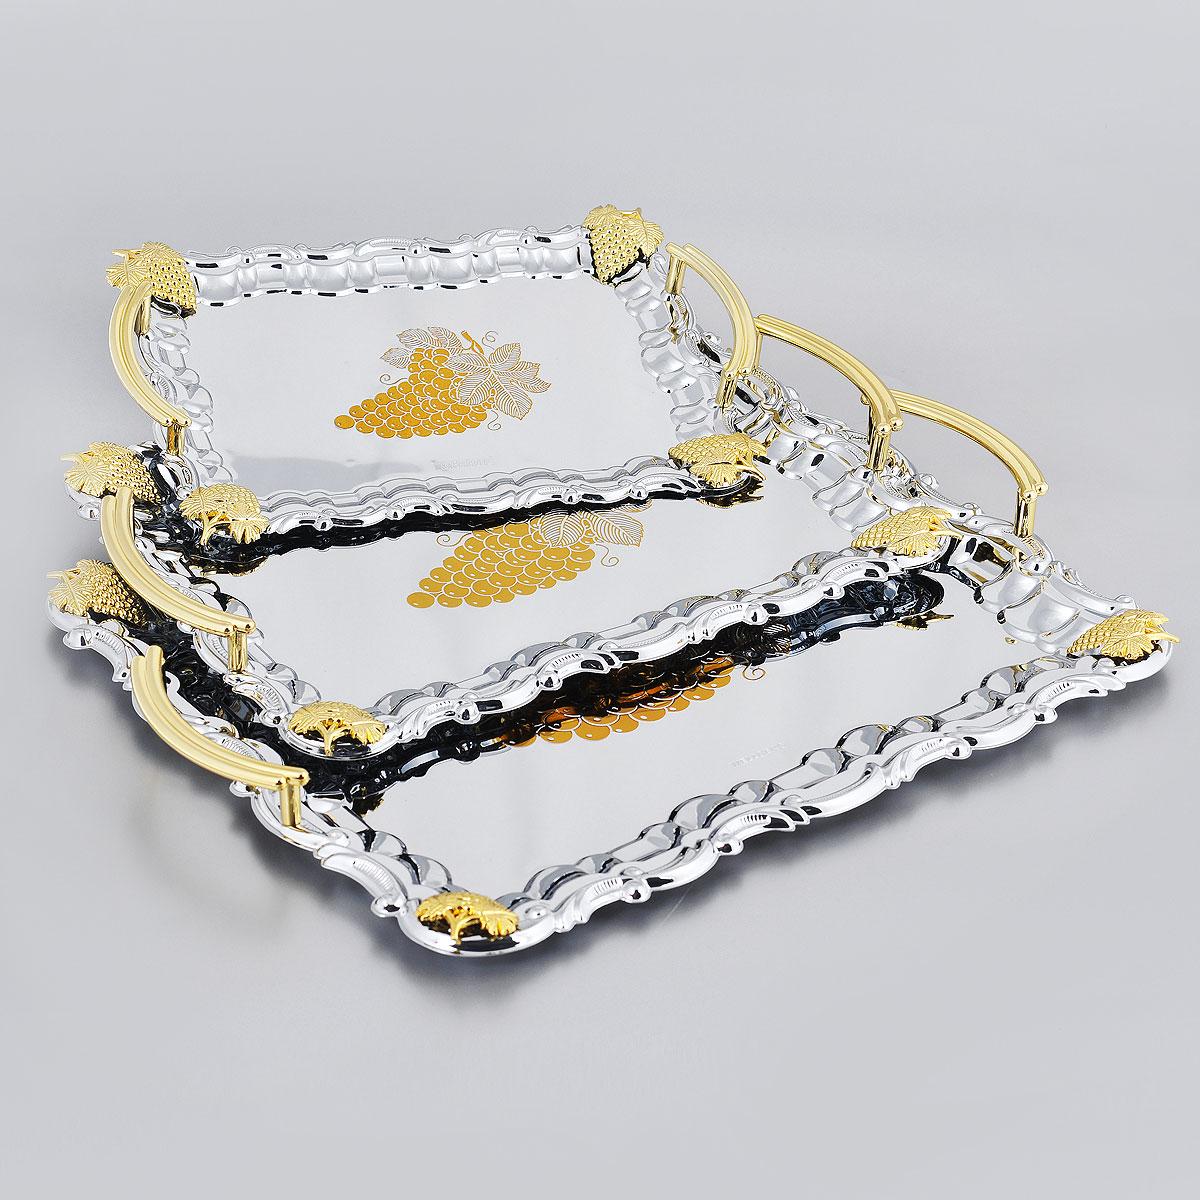 Набор подносов Wellberg Belvedere, 3 шт. 266WB266WBНабор Wellberg Belvedere состоит из трех сервировочных подносов разного размера. Подносы изготовлены из высококачественной хромированной стали. Они имеют прямоугольную форму и оформлены изображением виноградной грозди, декоративными элементами и ручками золотистого цвета. Подносы отлично подойдут для подачи рыбных блюд, а традиционные блюда будут выглядеть на них более аппетитно. Благодаря оригинальному дизайну сервировочные подносы придадут элегантный вид любому обеденному столу. Не рекомендуется мыть в посудомоечной машине. Размер малого подноса: 26,4 см х 19 см. Размер среднего подноса: 33,5 см х 24 см. Размер большого подноса: 39,5 см х 32,5 см.